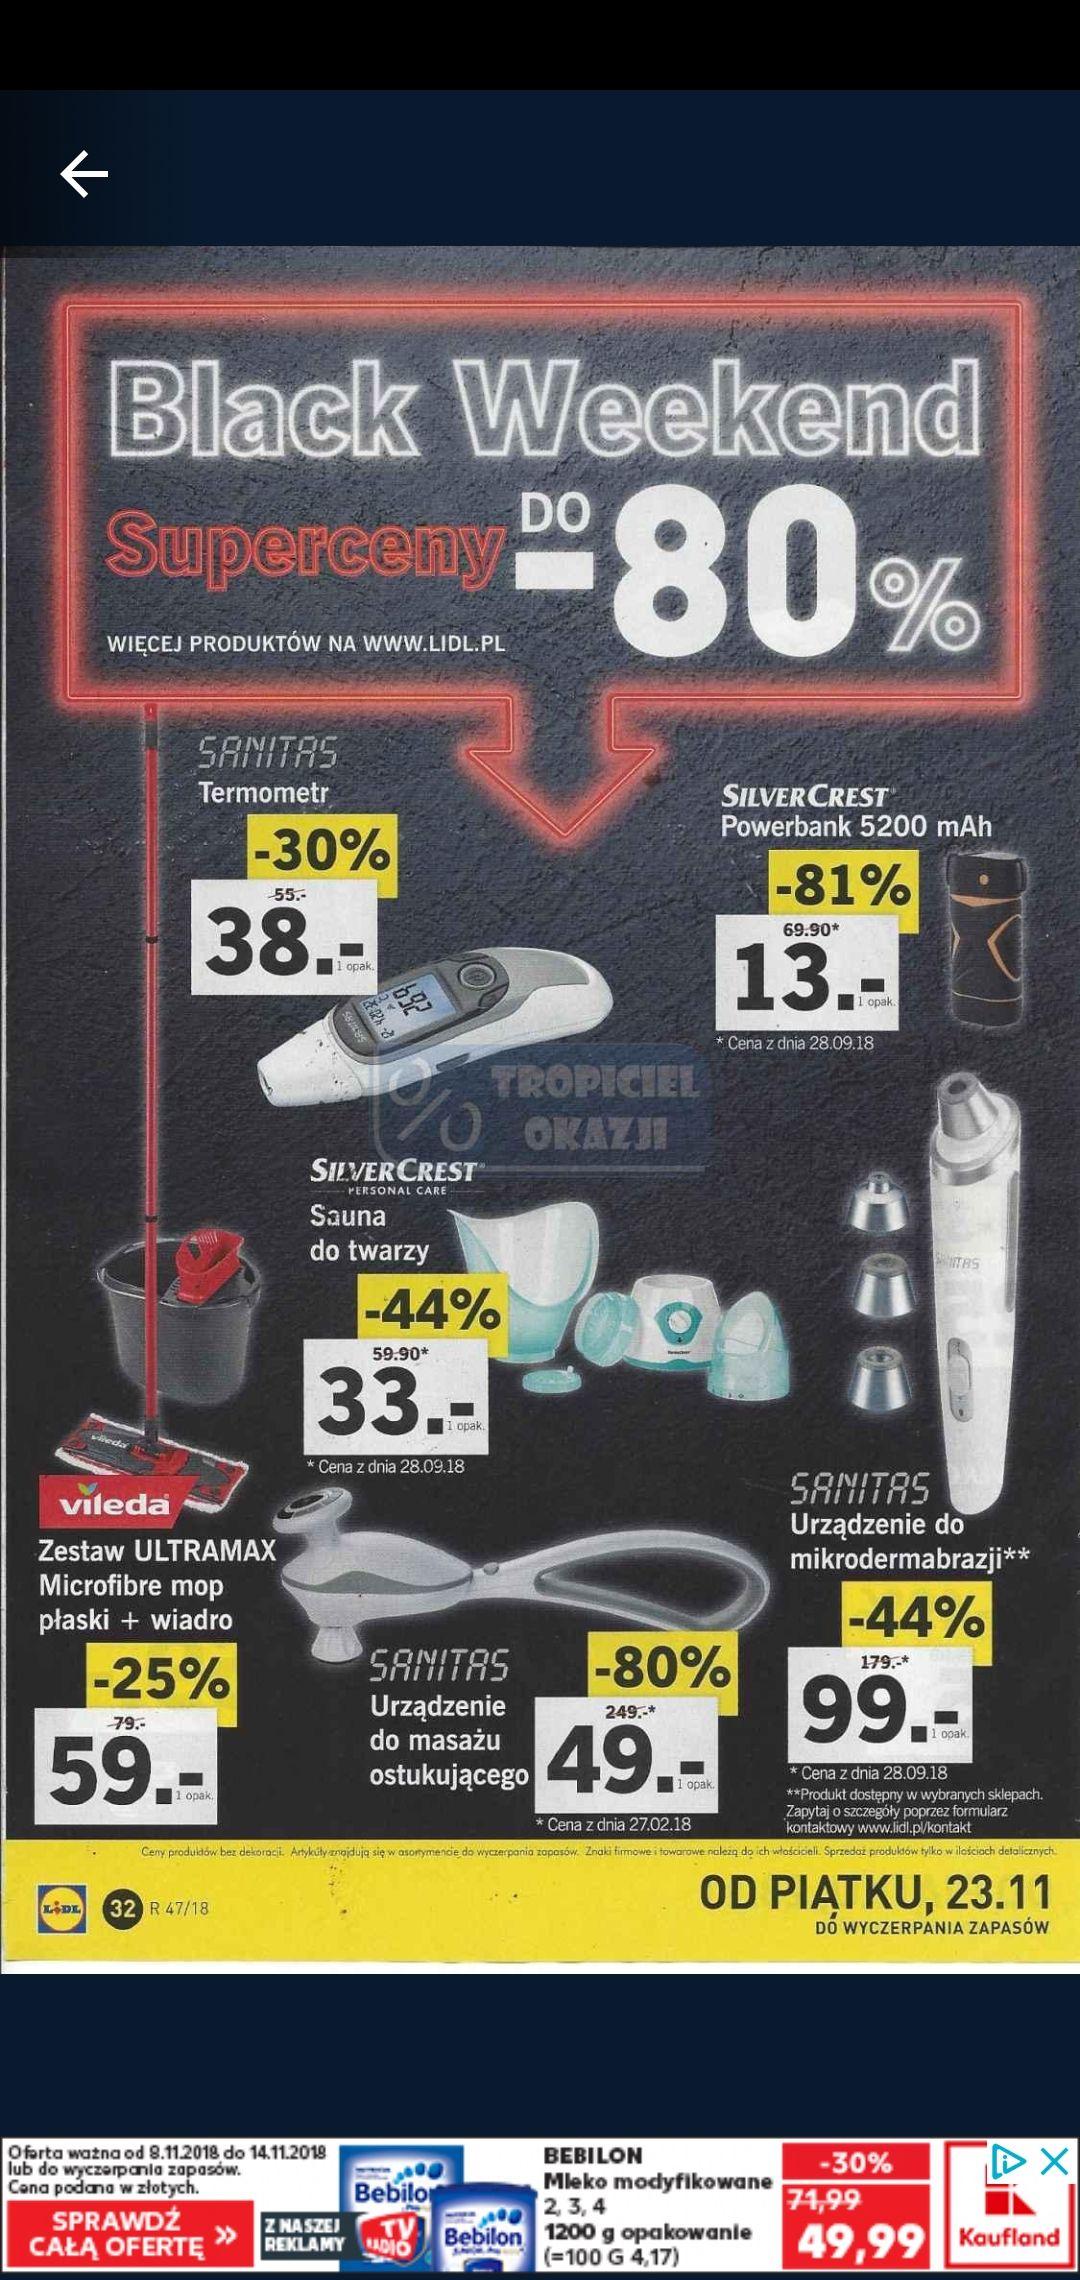 Black Weekend Lidl do -80% Powerbank 5200 za 13zł, Nawigacja Garmin 249 i inne